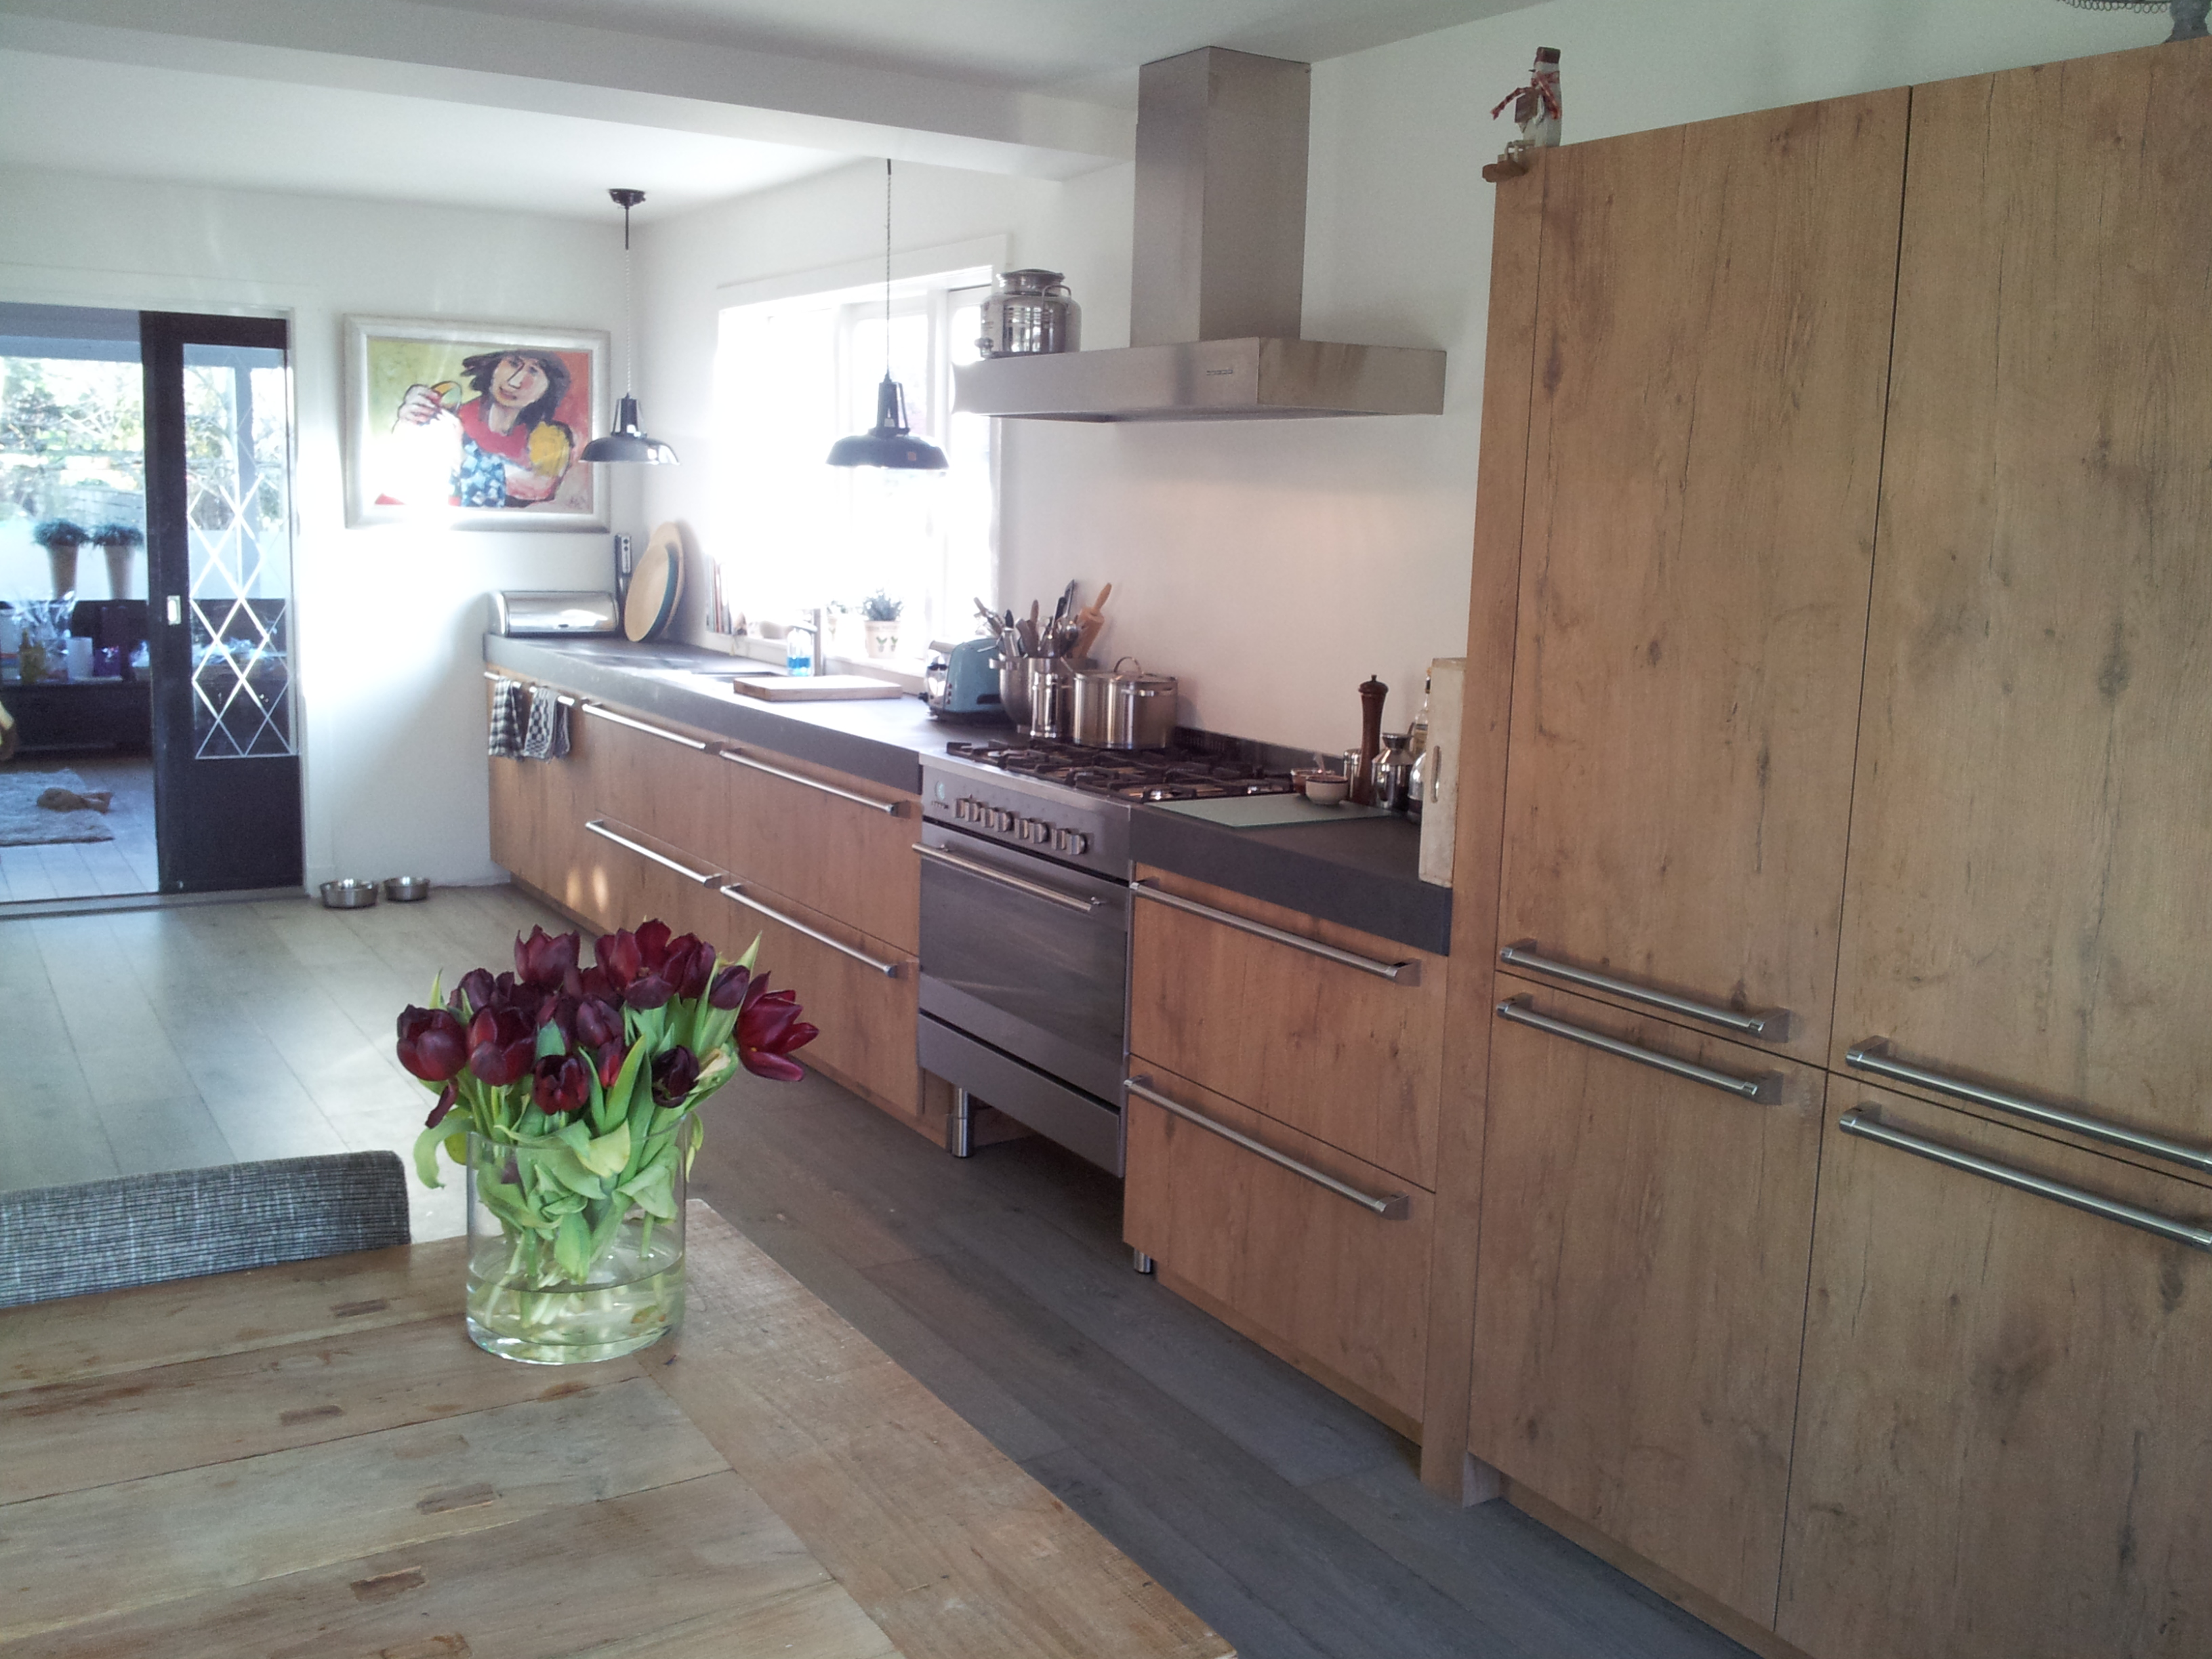 Keuken van grando zwart wit cubic beste inspiratie voor huis ontwerp - De beste hedendaagse keukens ...